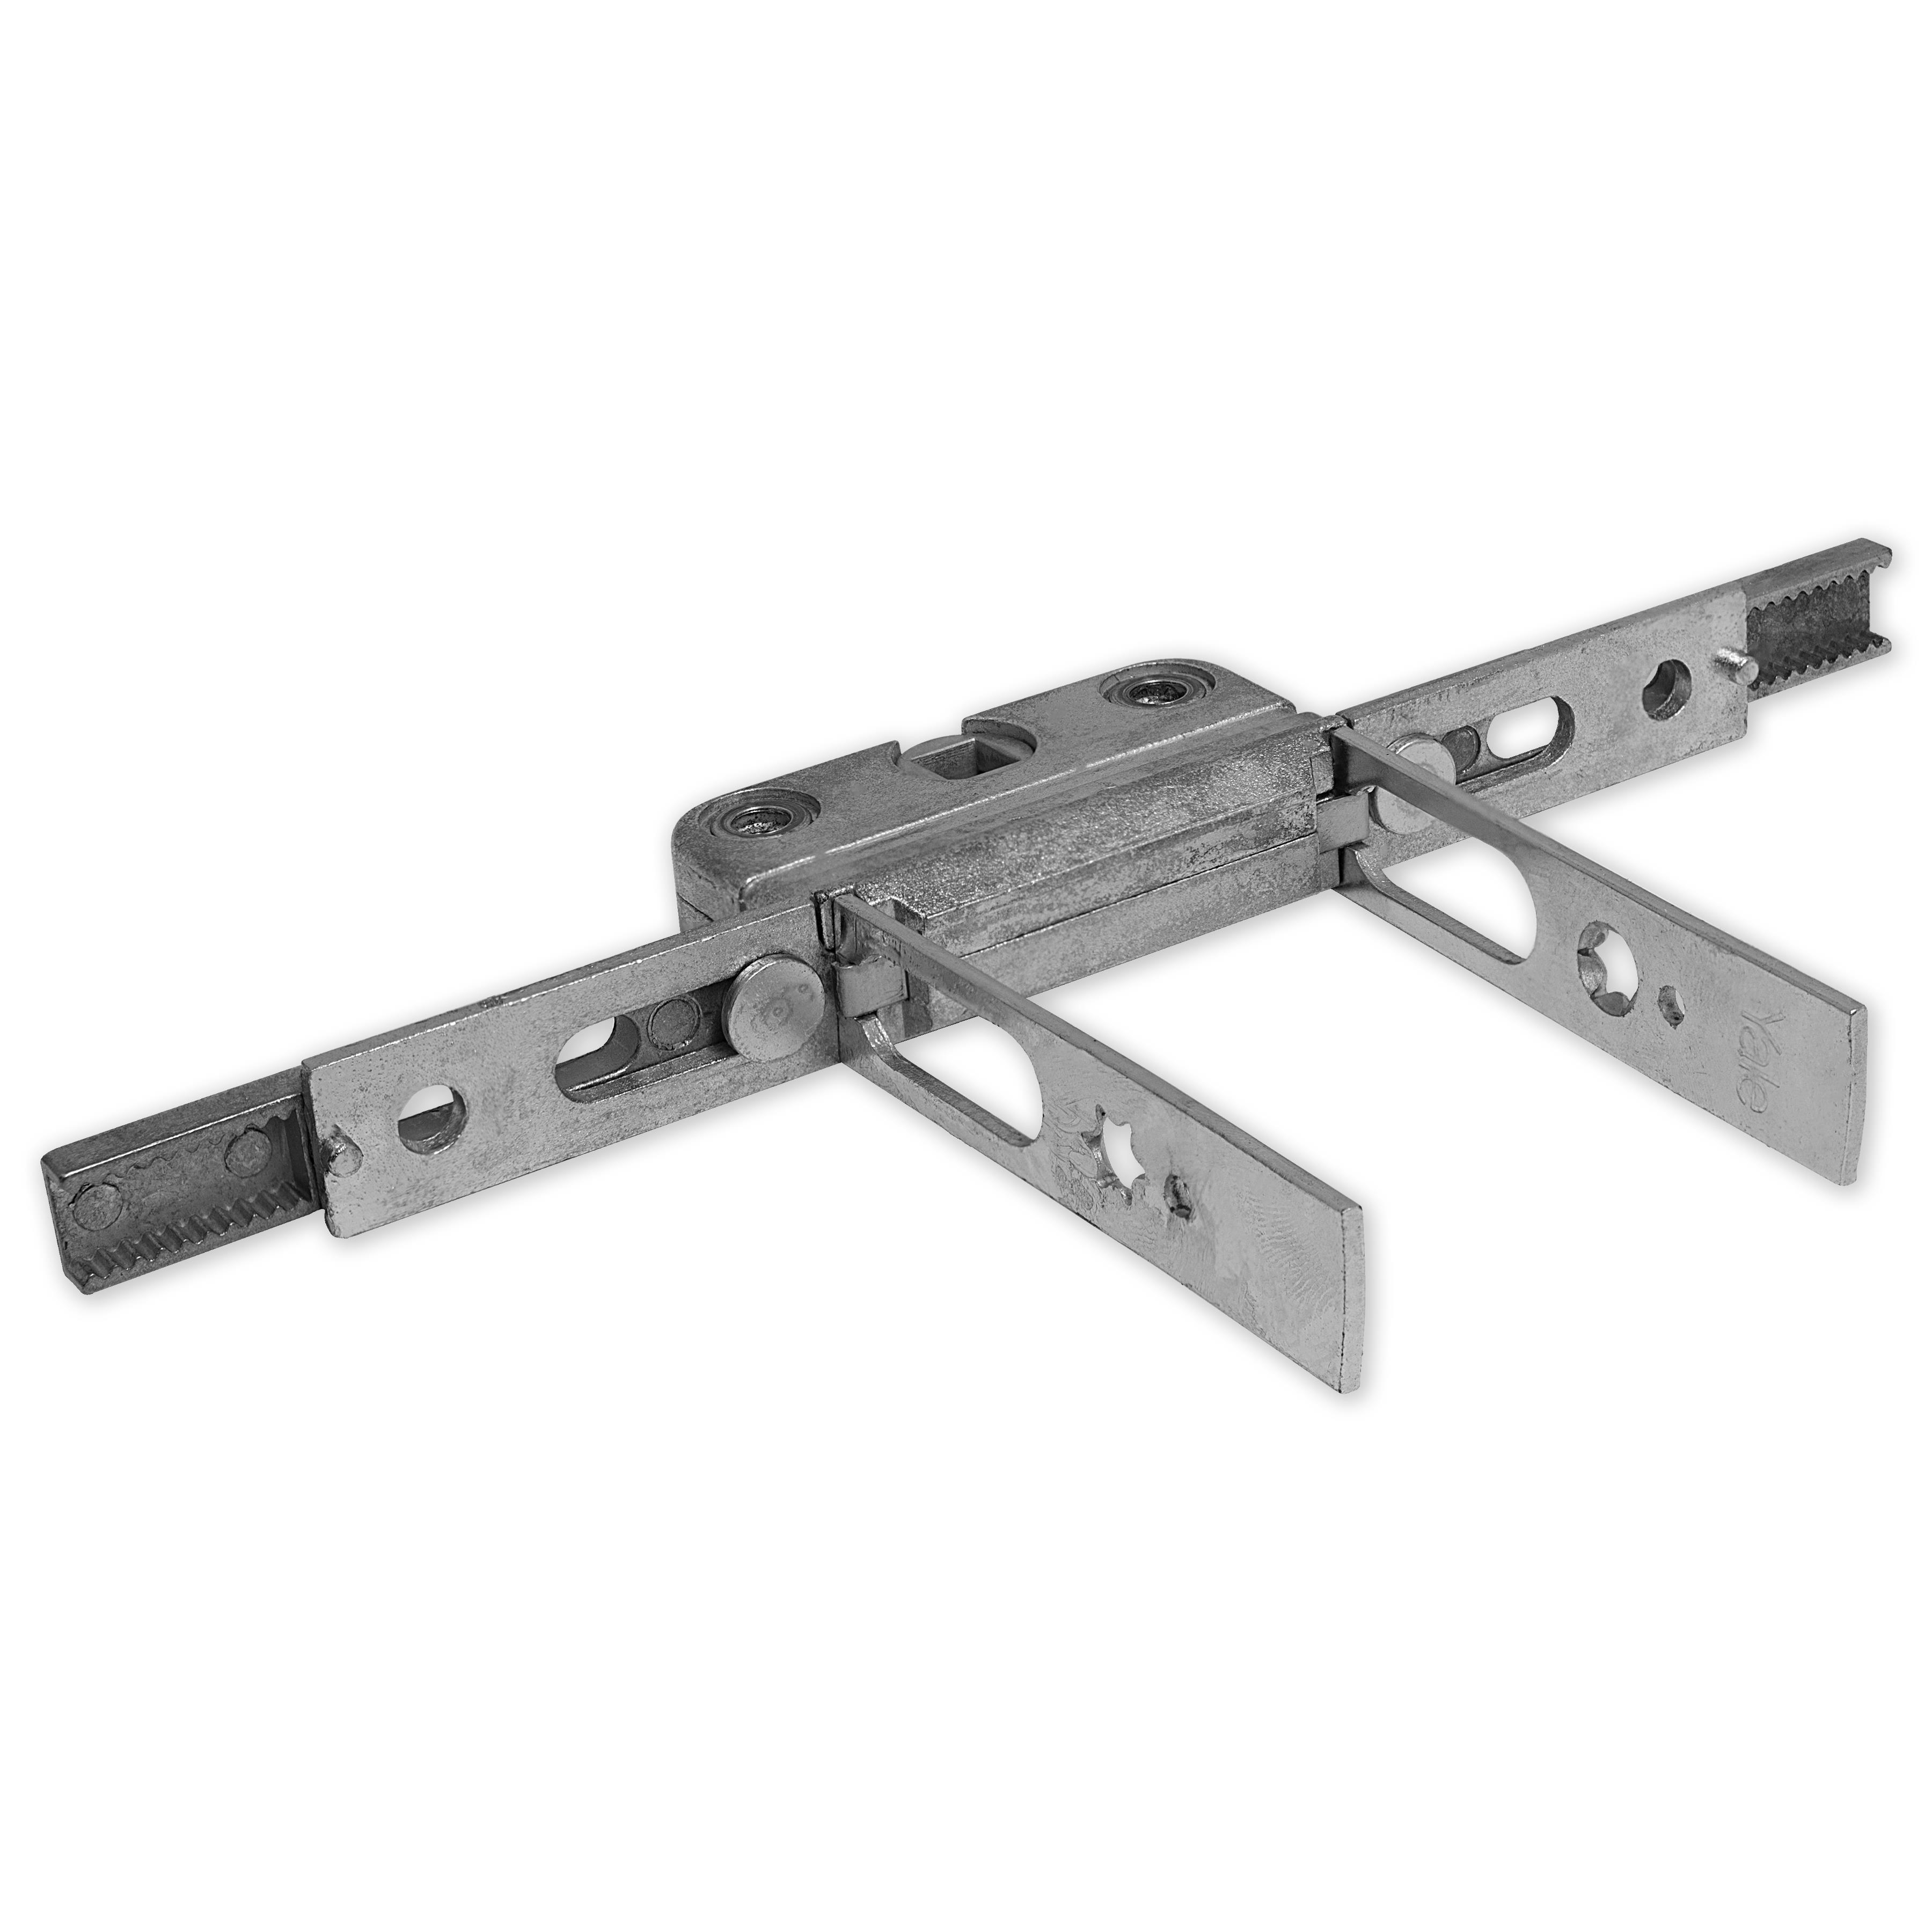 Yale Window Espag Gear Box Locking Mechanism Shootbolt